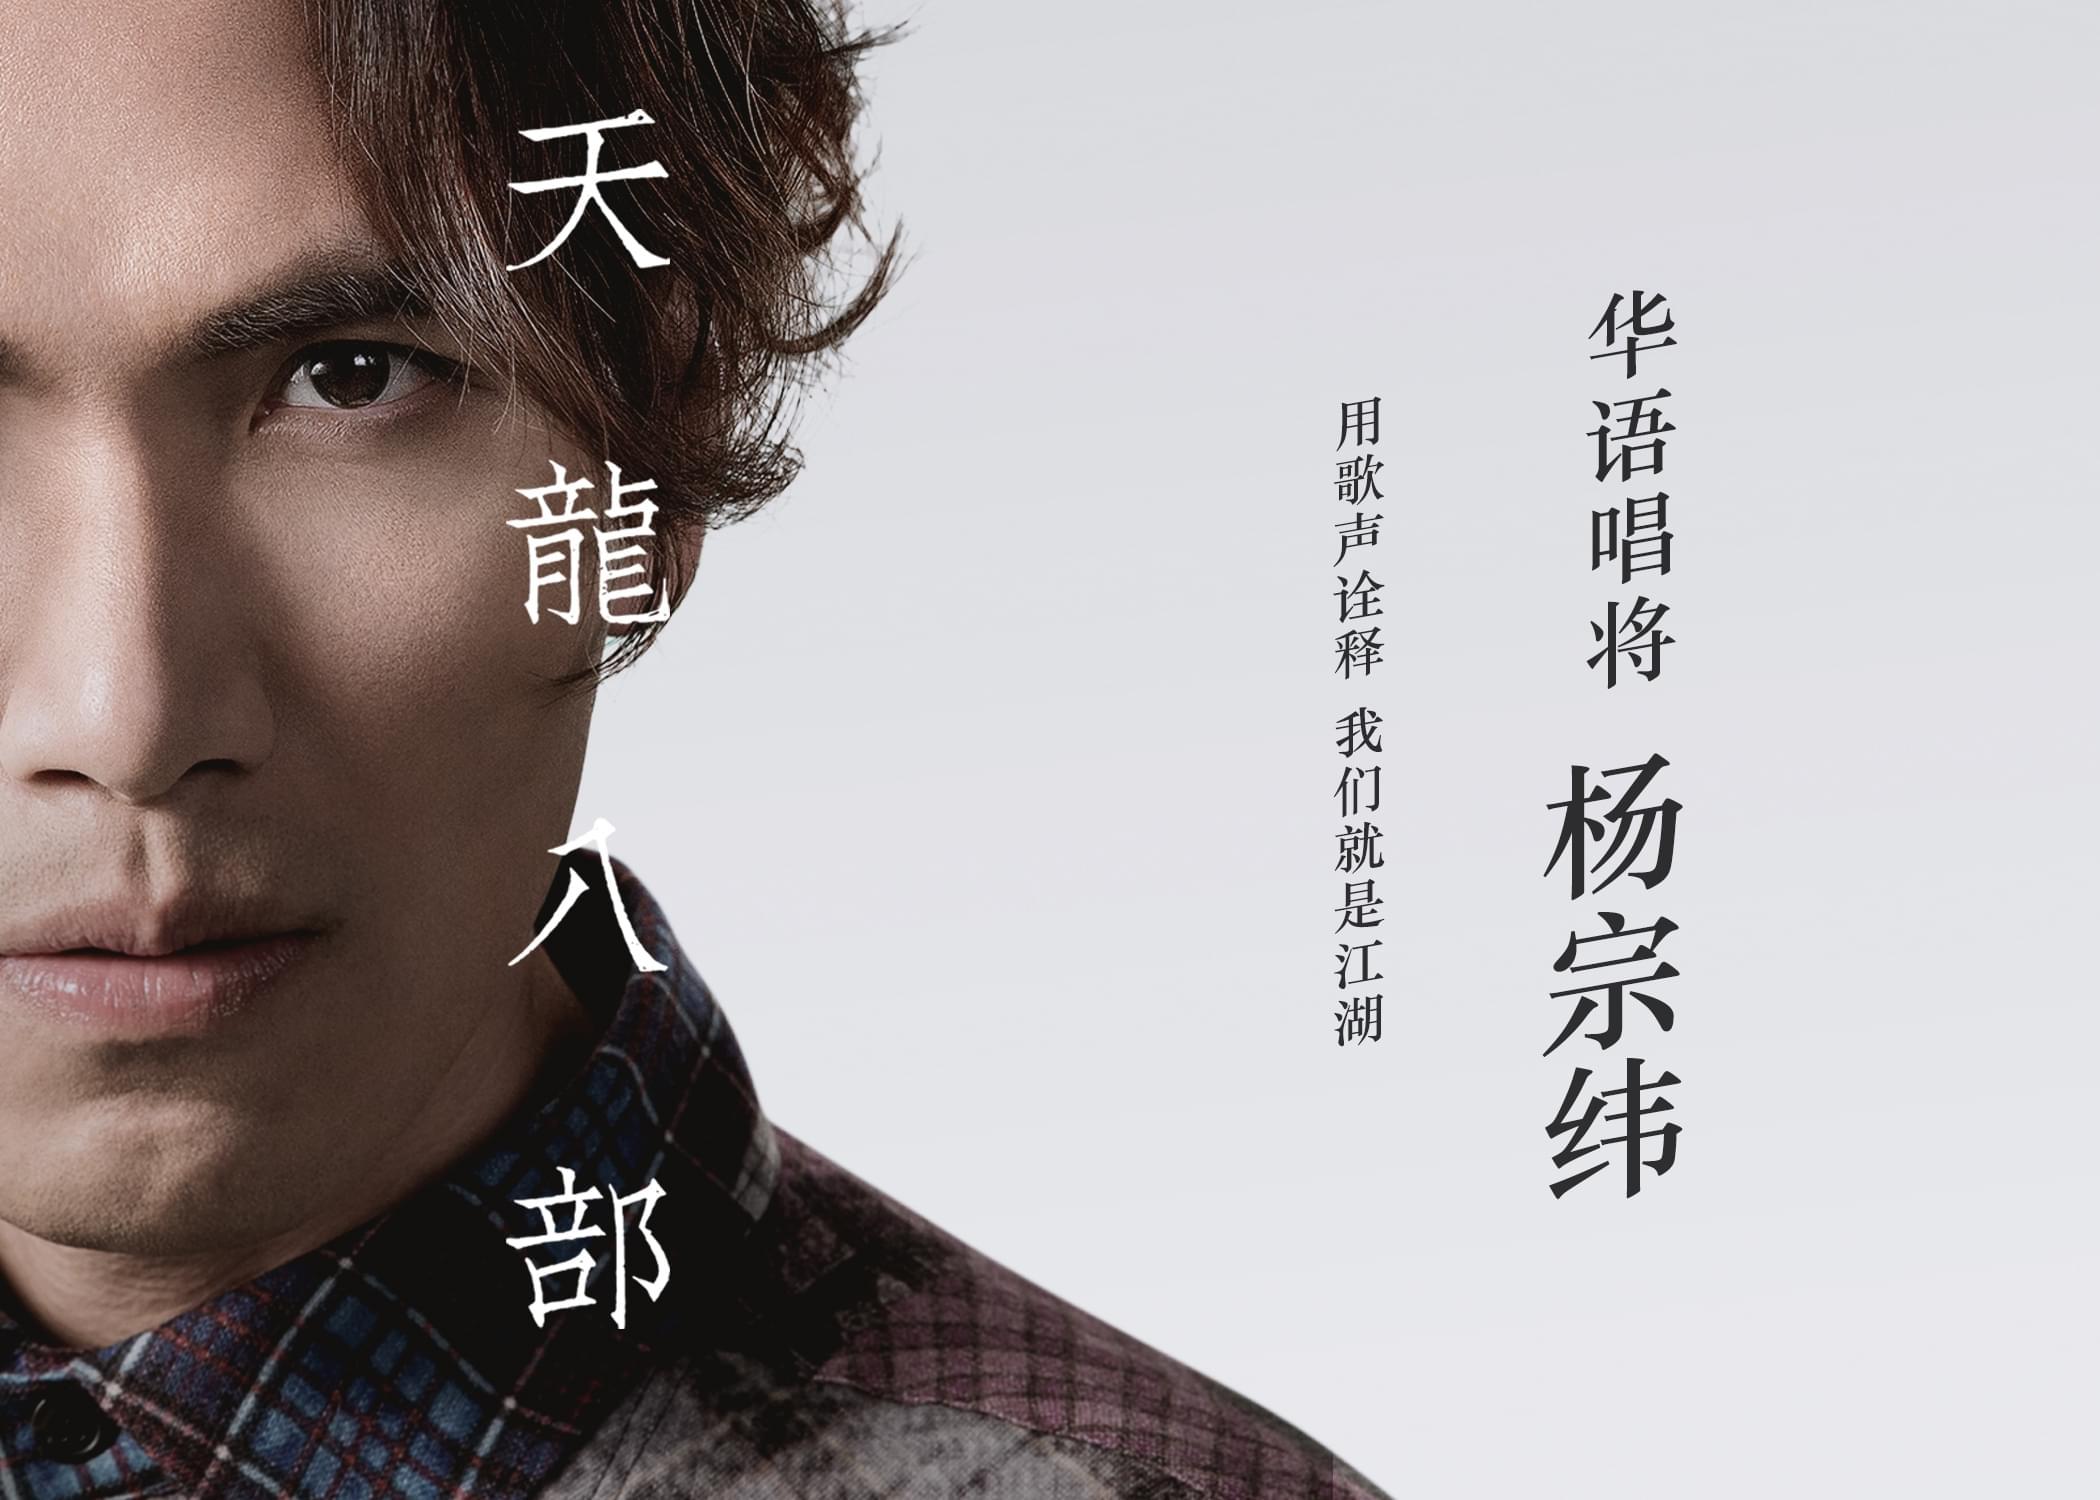 杨宗纬叱咤音乐榜单  新歌《天龙八部》获佳绩